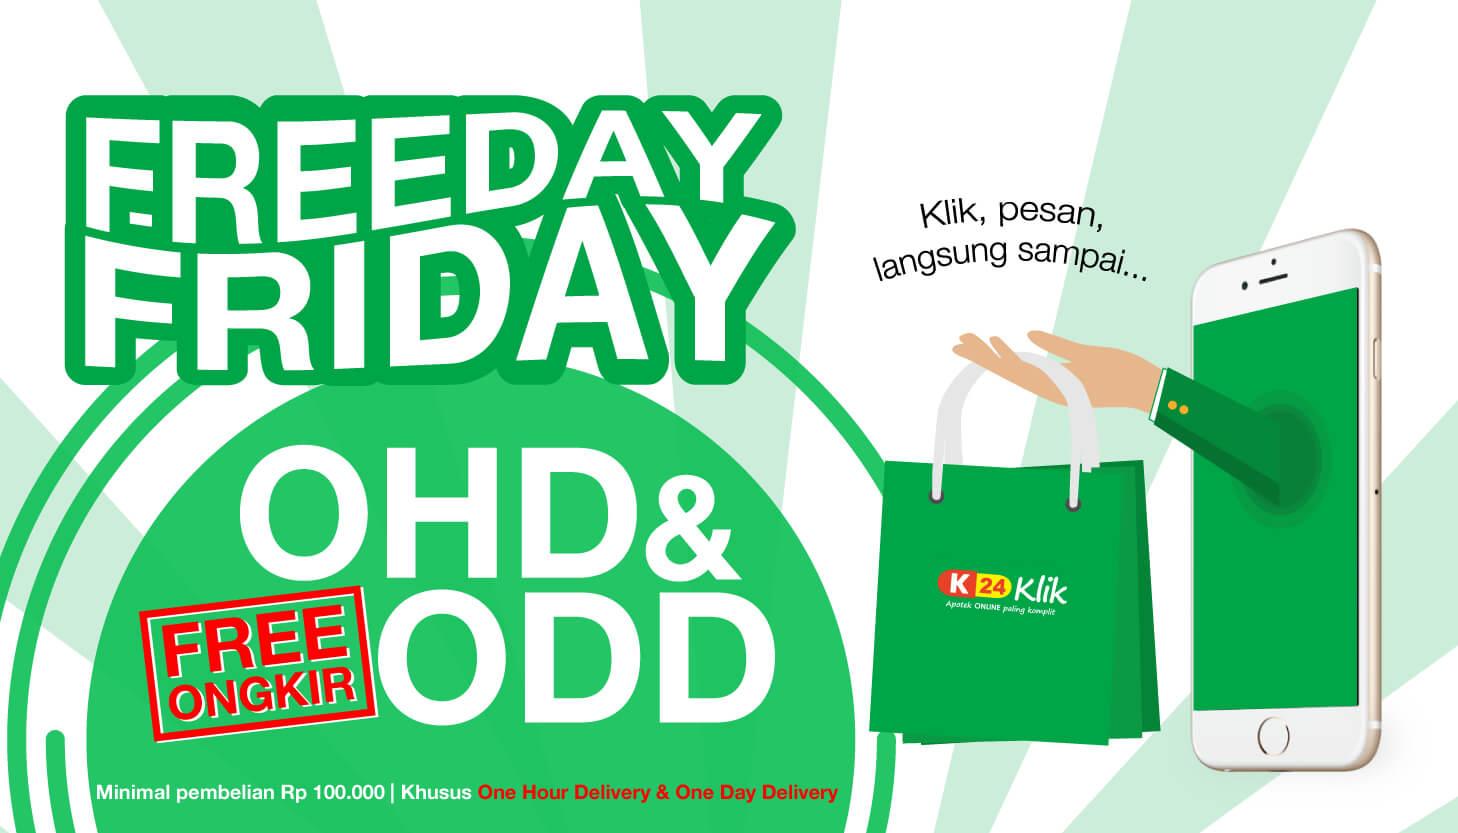 Freeday Friday OHD ODD ig n blog-01